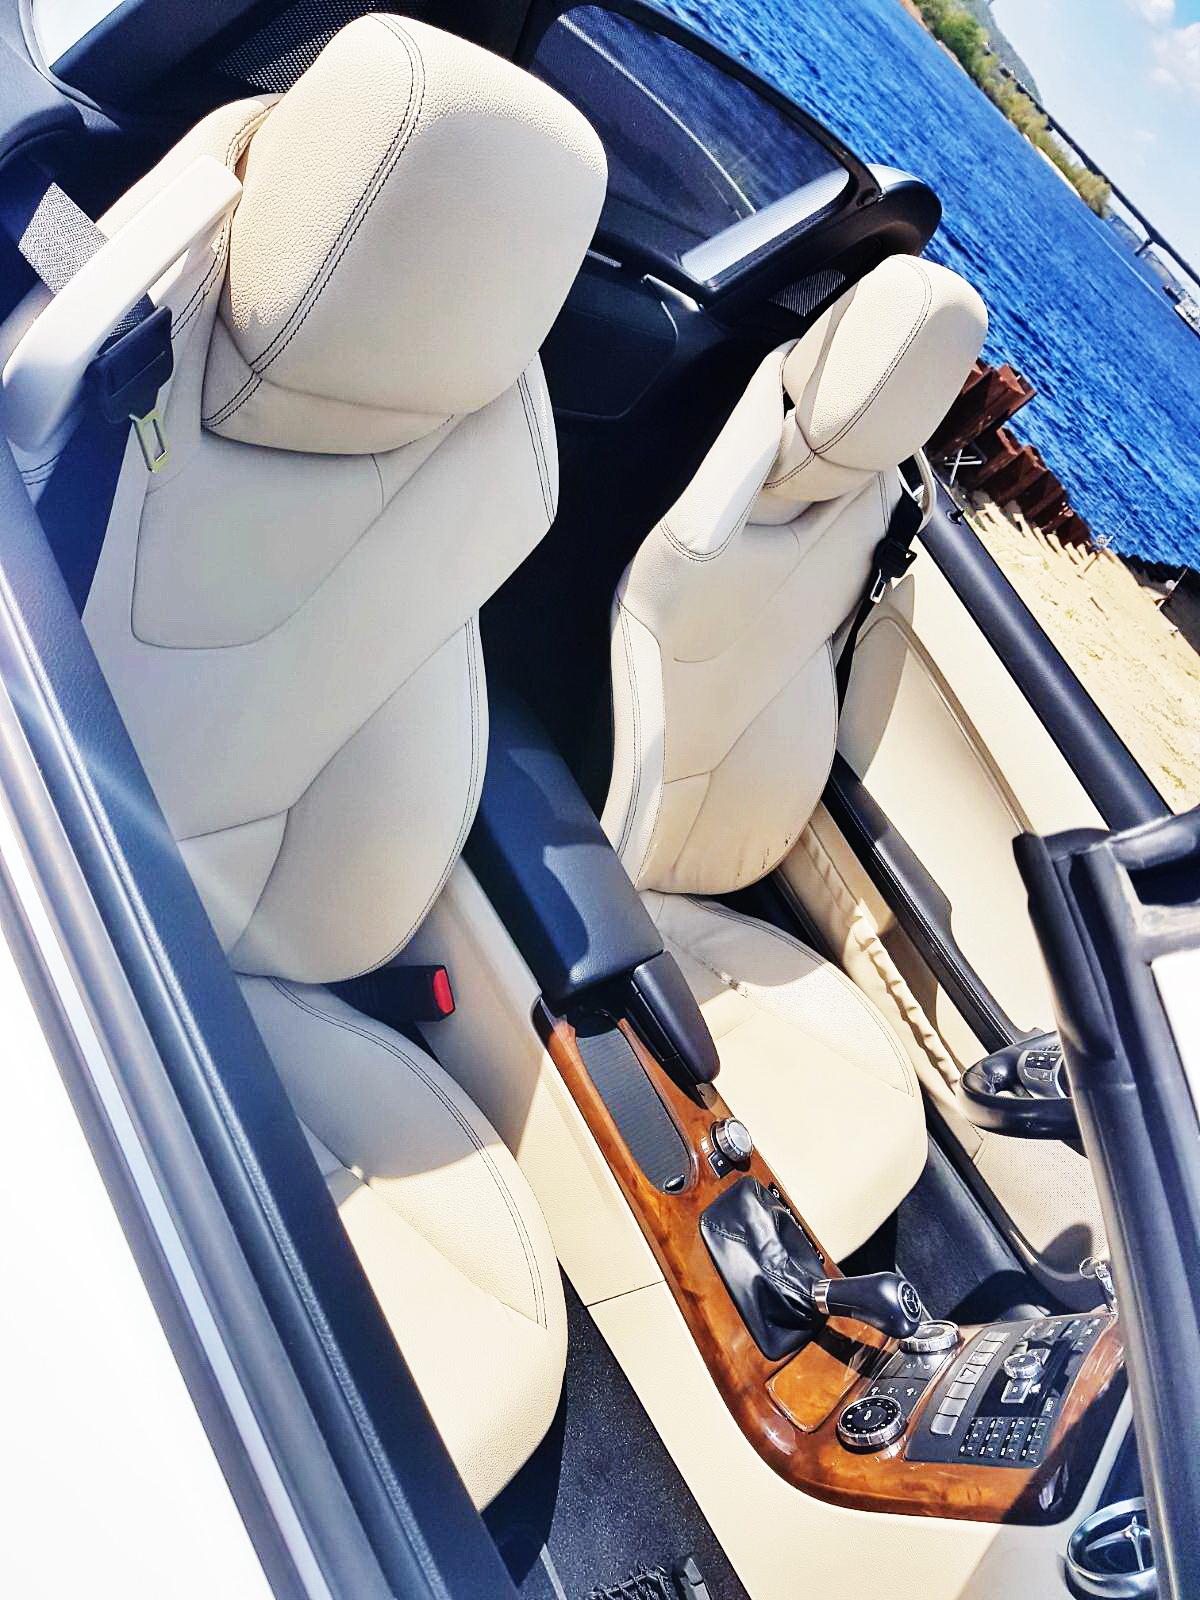 Mercedes SLK 250 cabrio